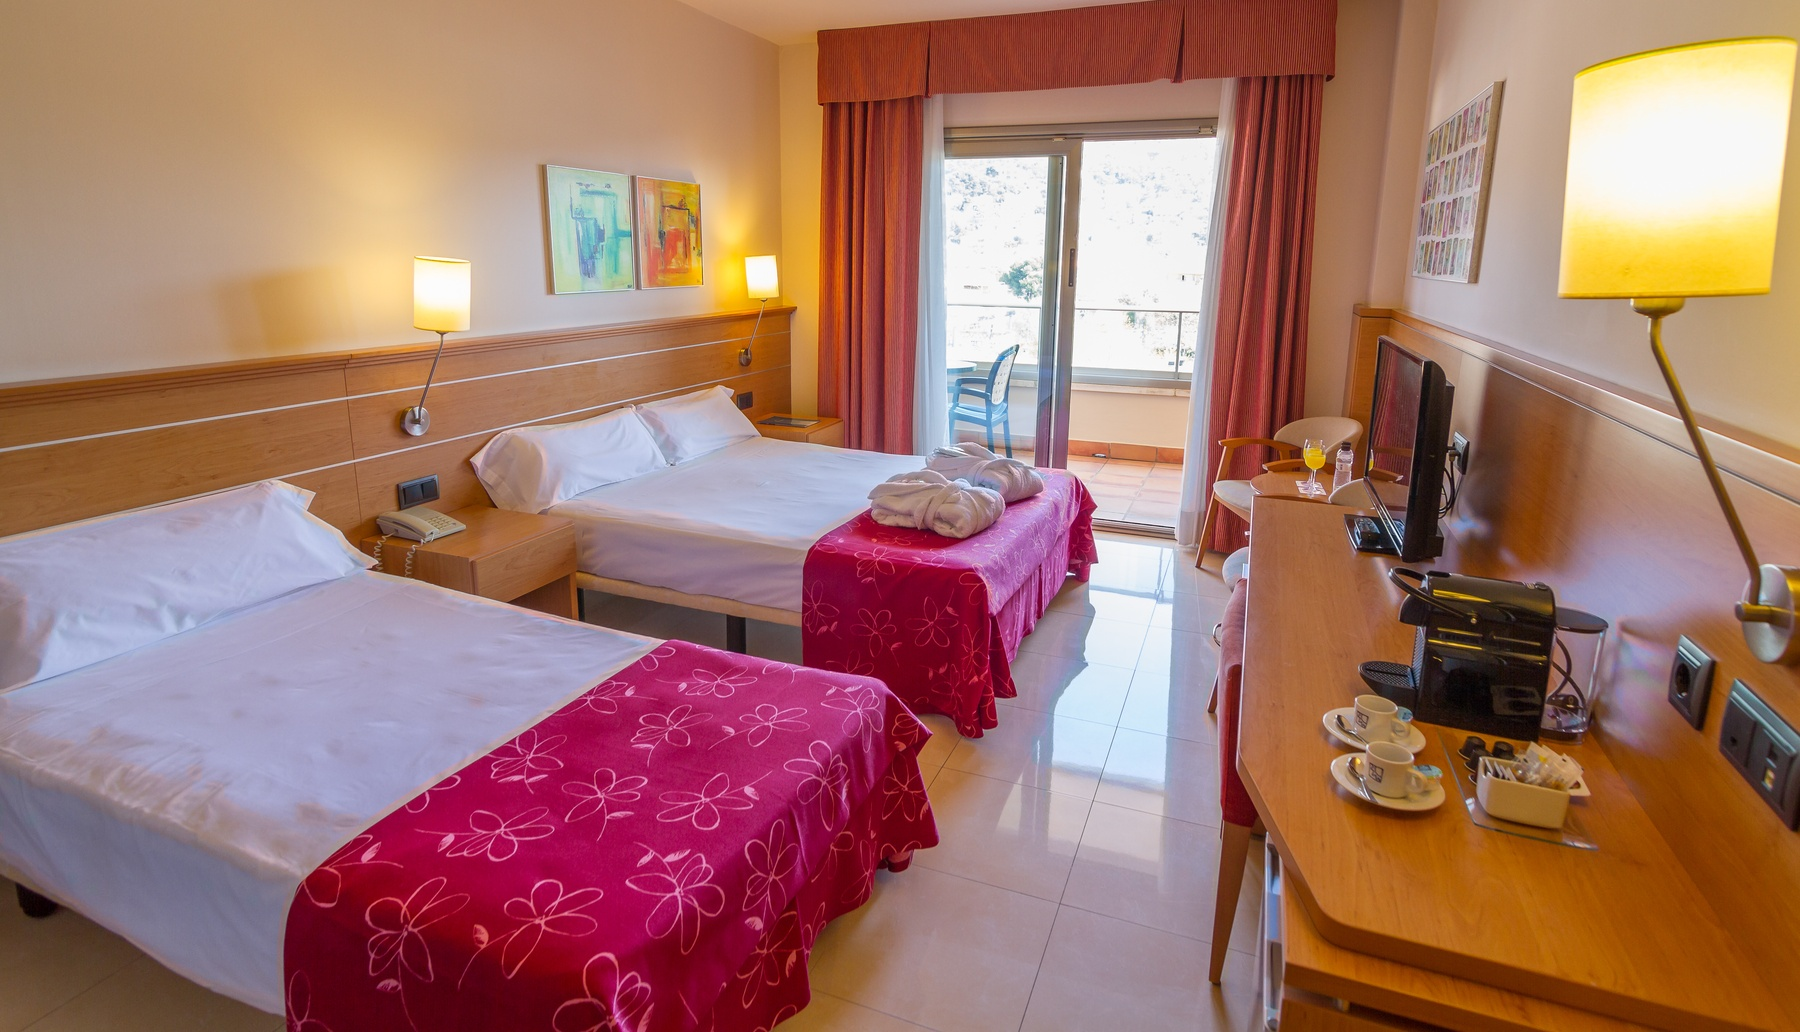 hotel habitaciones familiares Costa Brava habitaciones grandes